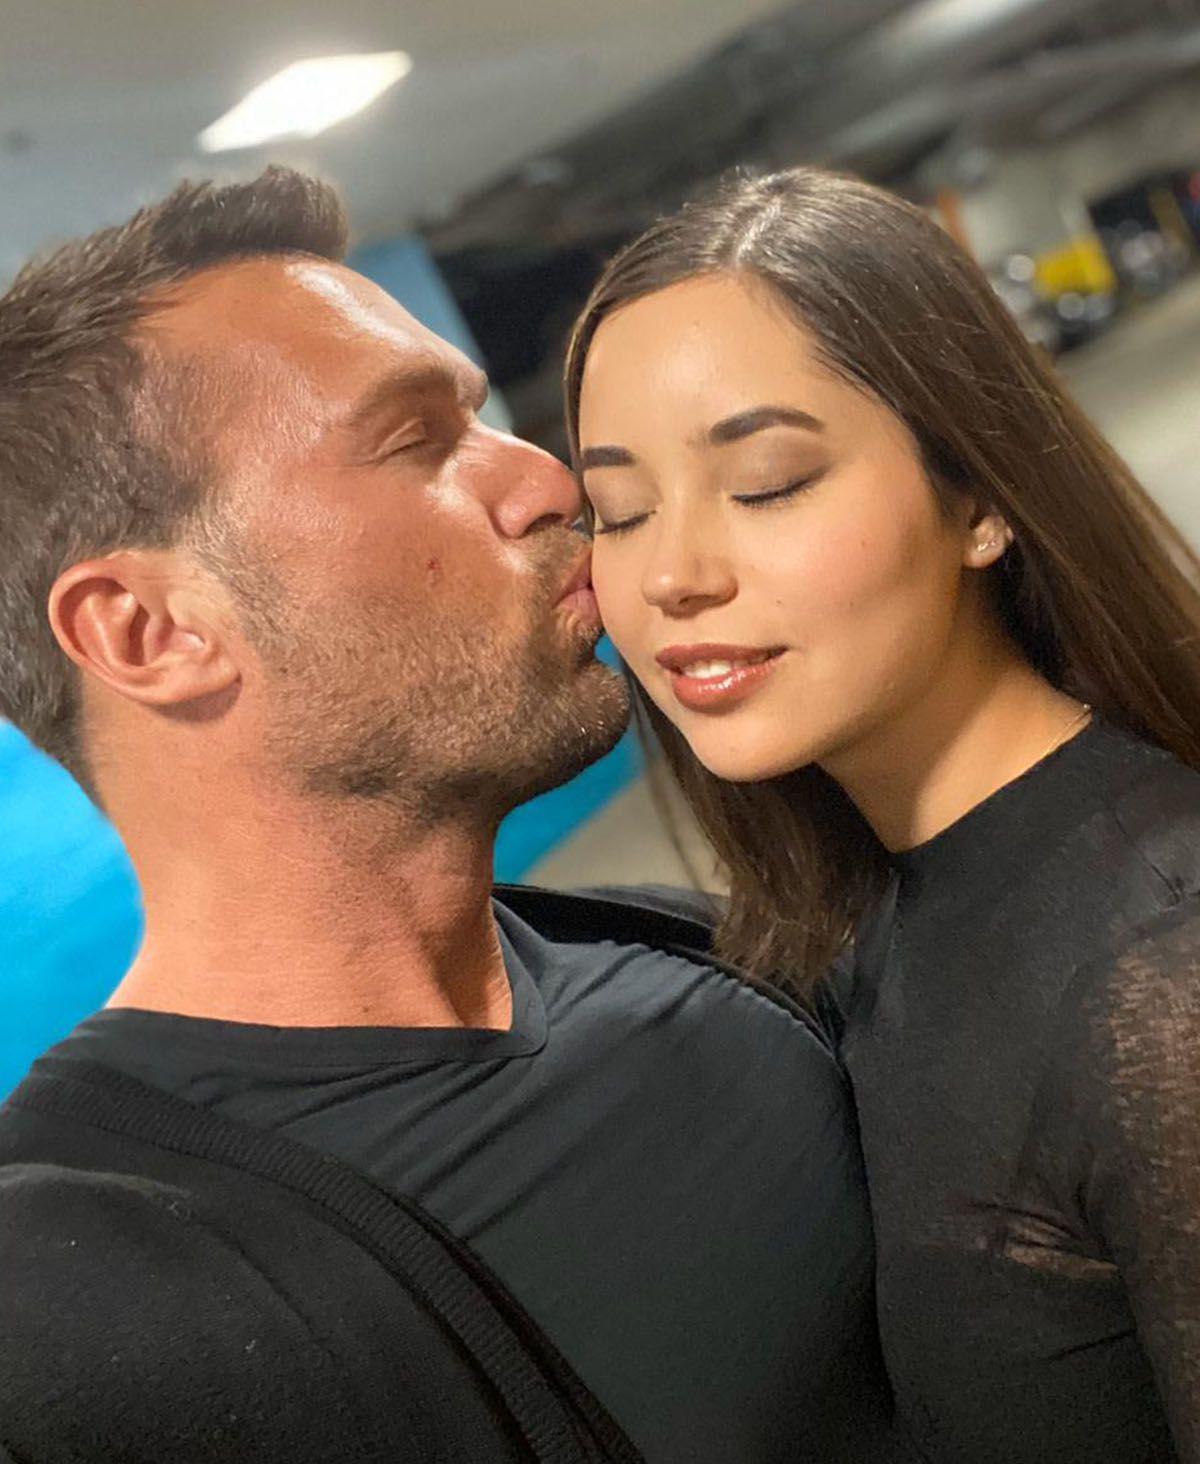 Bastian Yotta hat seine Freundin Marisol in der Kirche kennengelernt